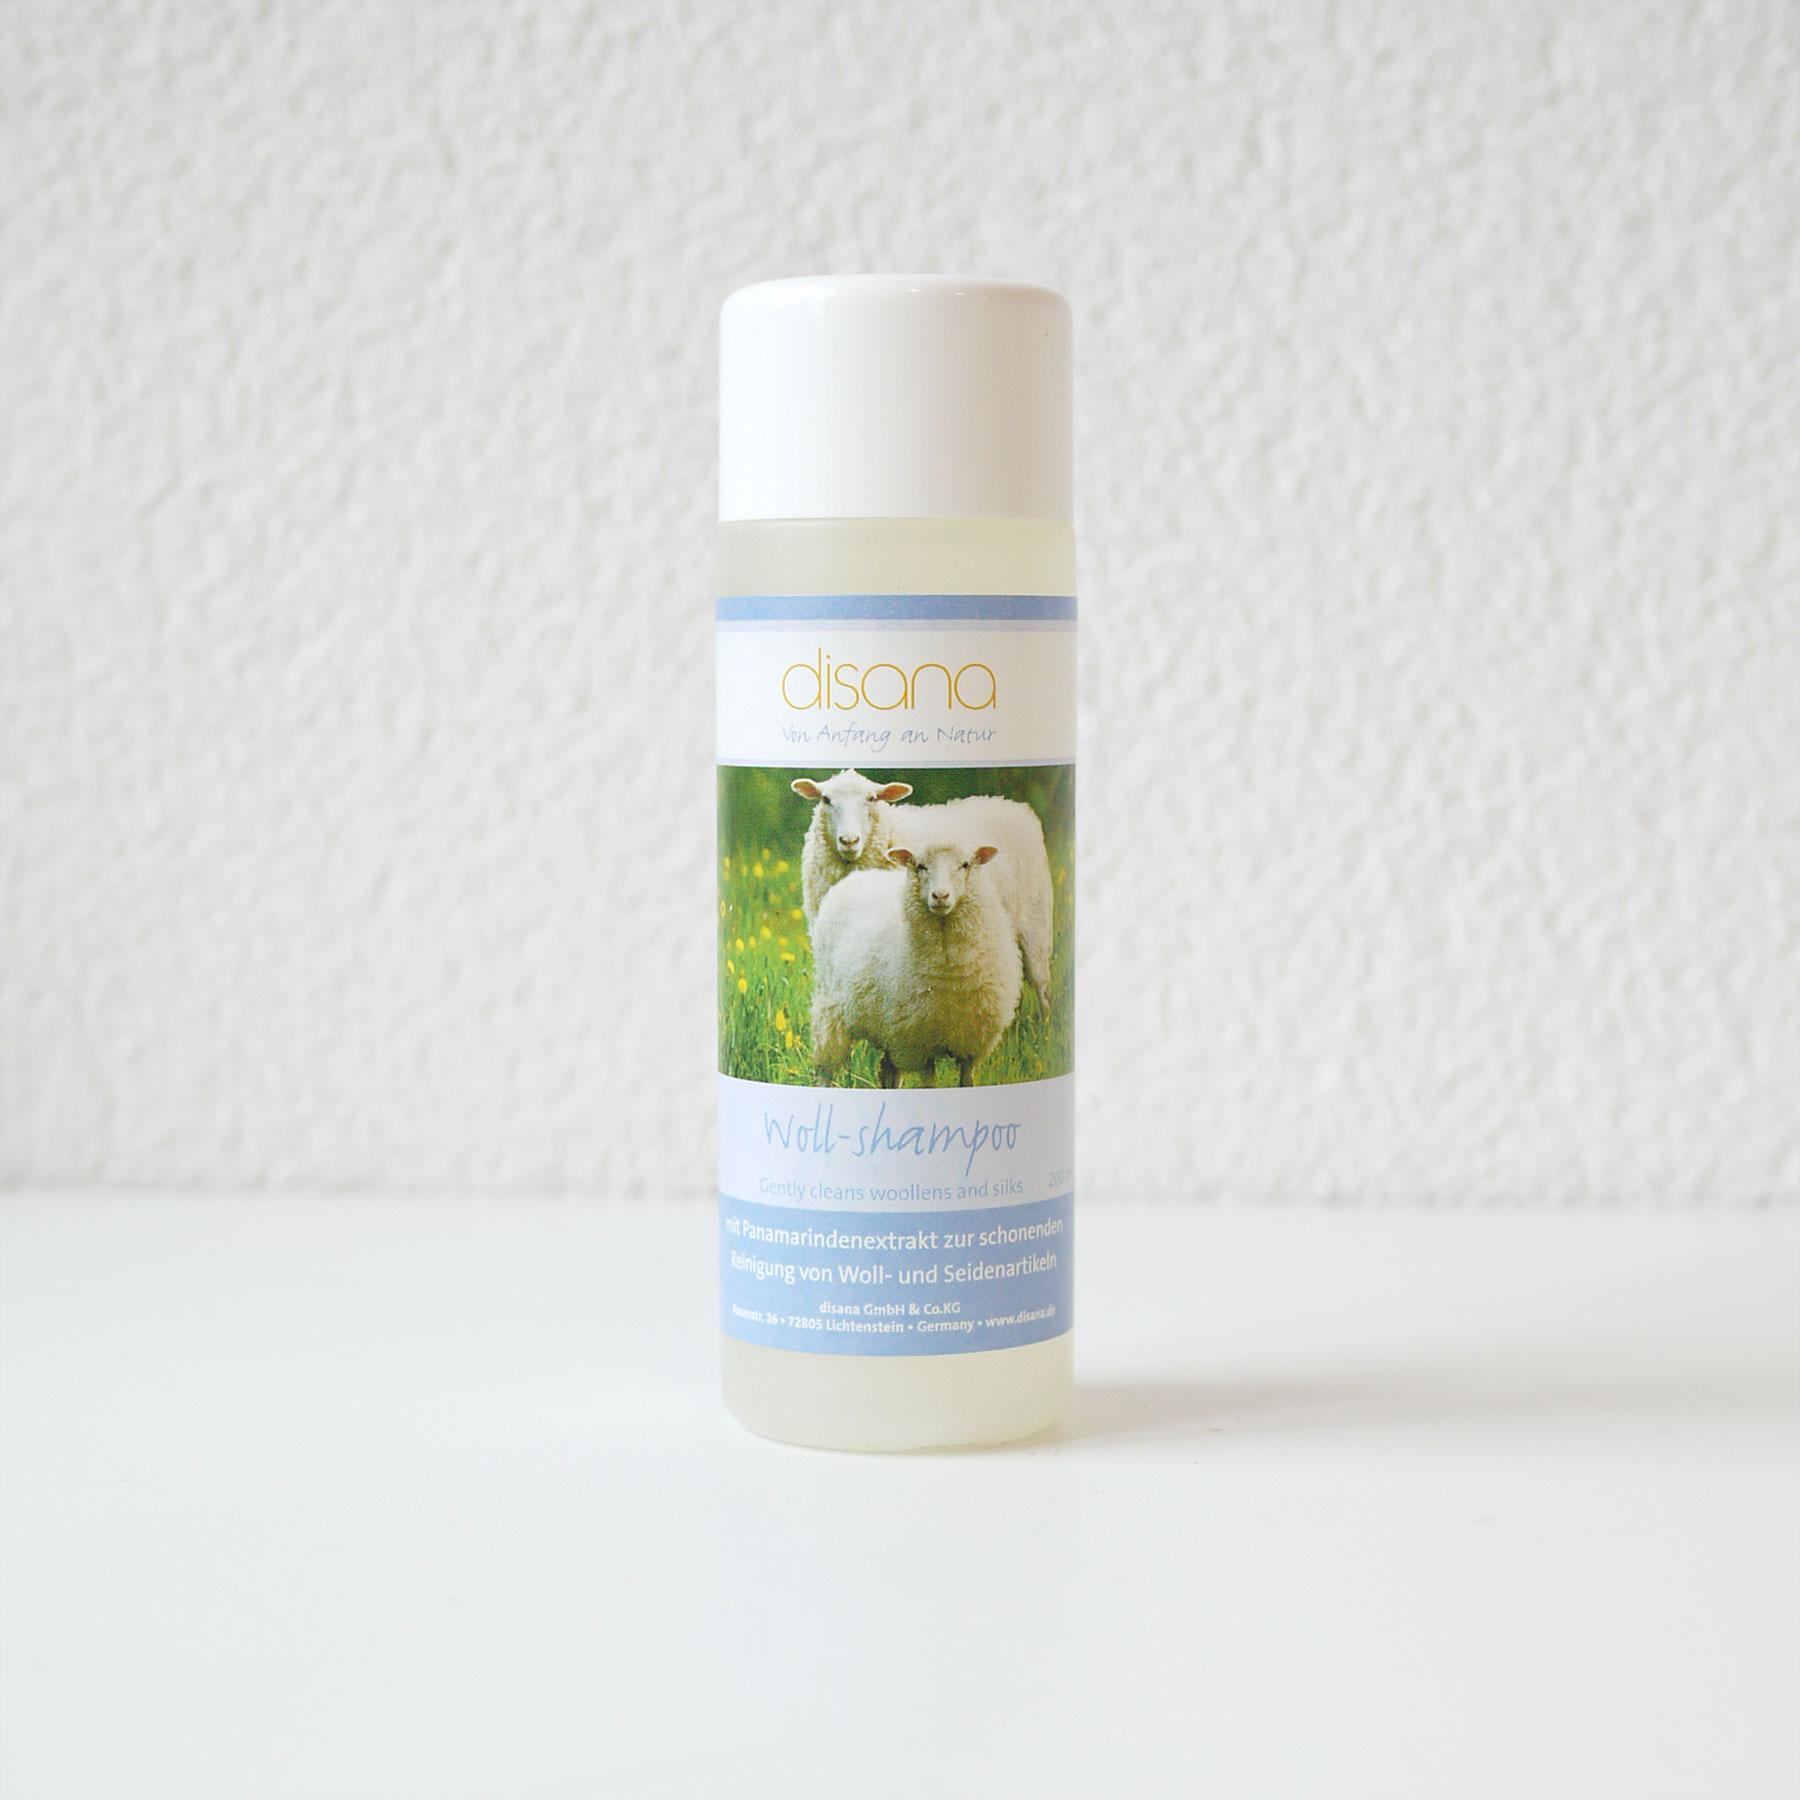 Disana Woll-Shampoo